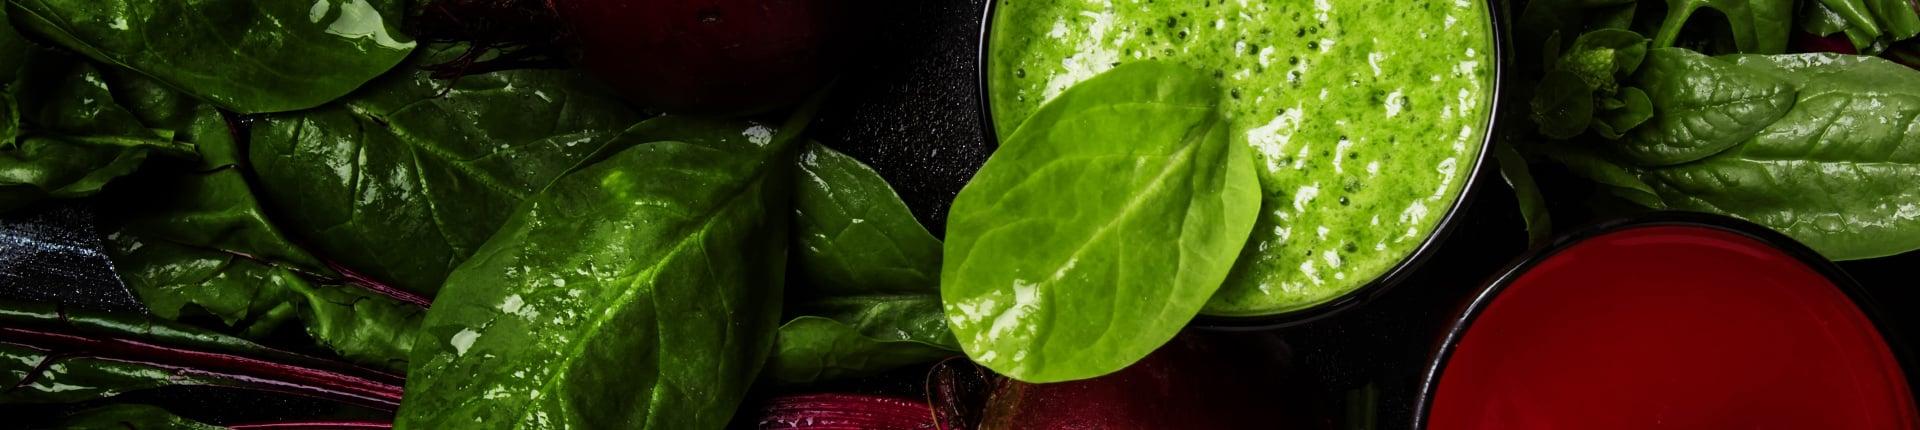 5 warzyw, które warto dołączyć do diety